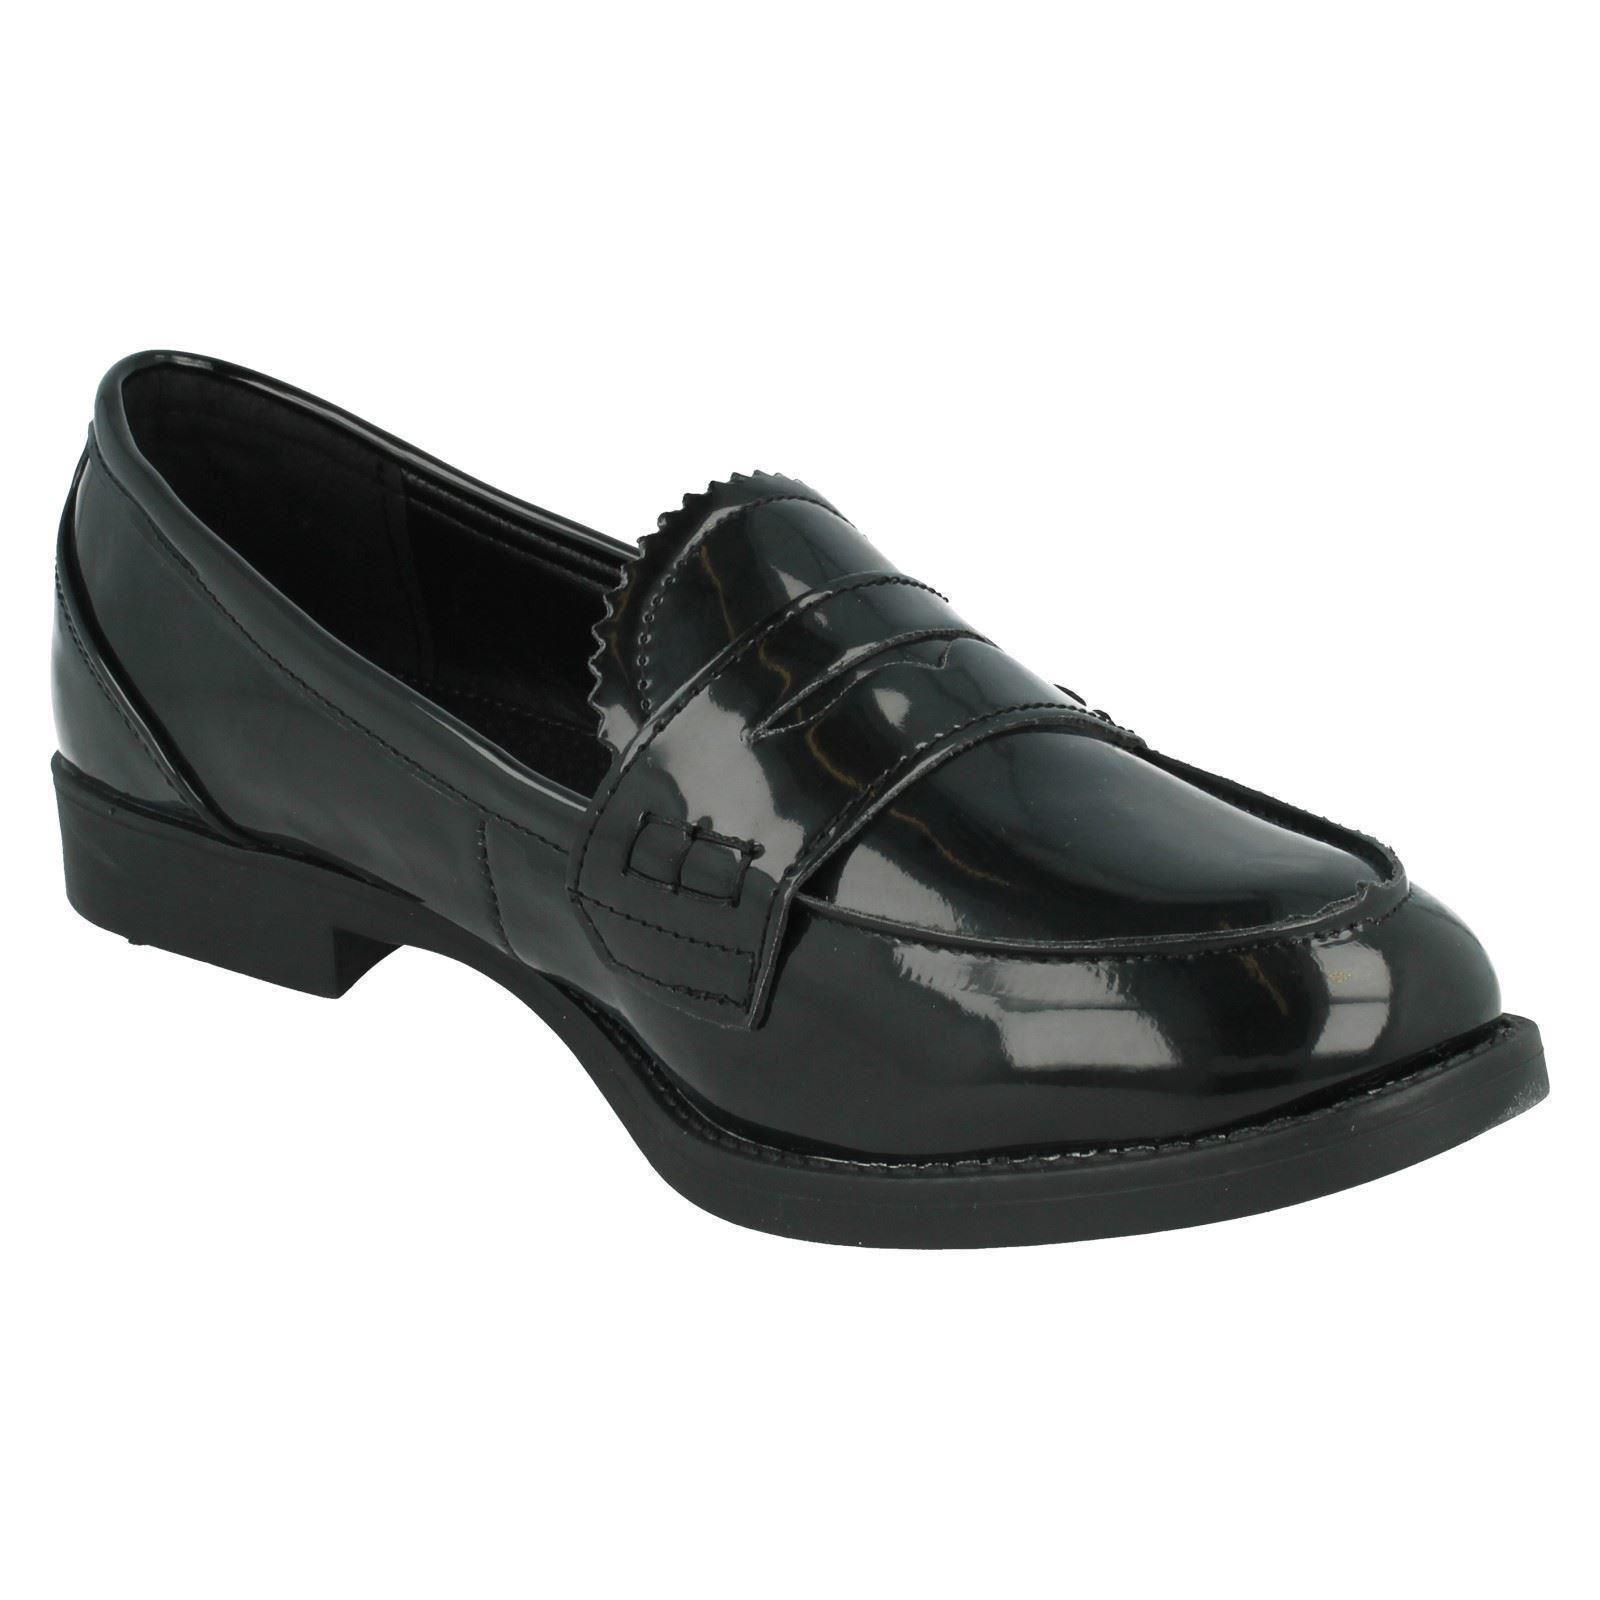 Las niñas en el clavo Zapatos Escolares h3027